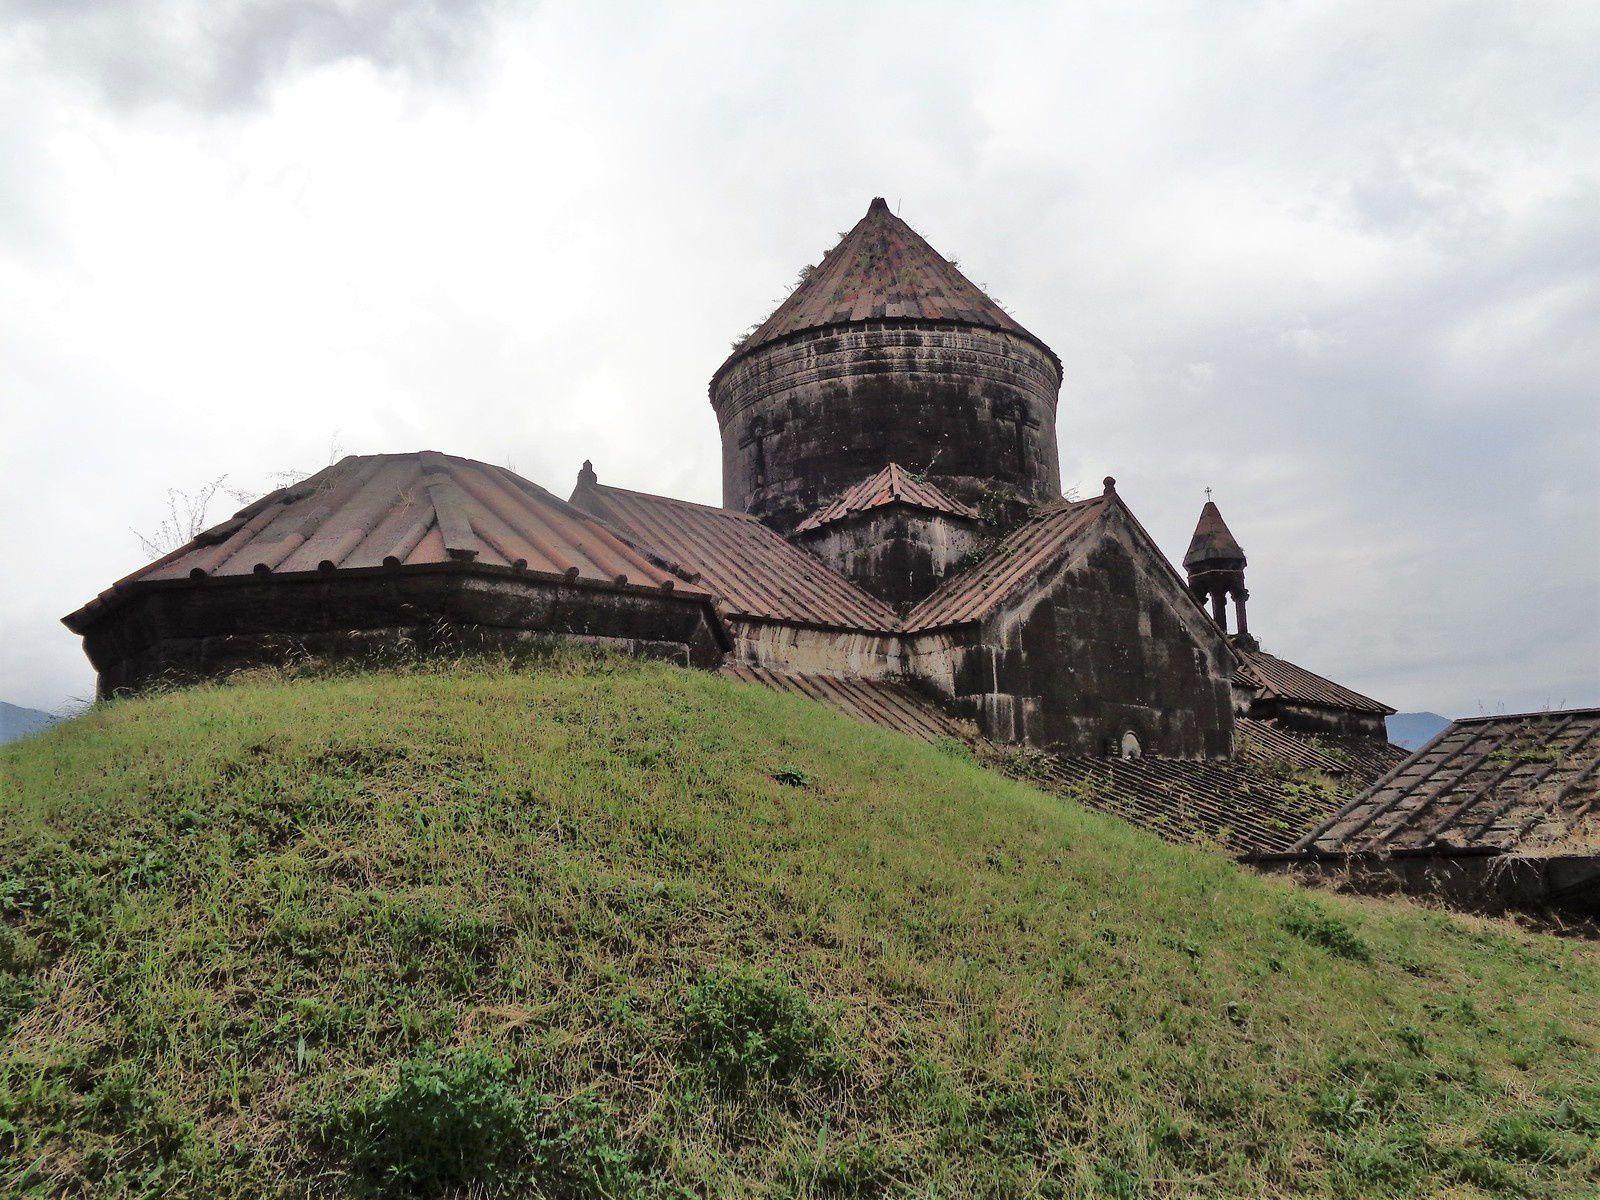 Arménie 2018 - Région de Lorri - Monastères de Sanahin et Haghpat